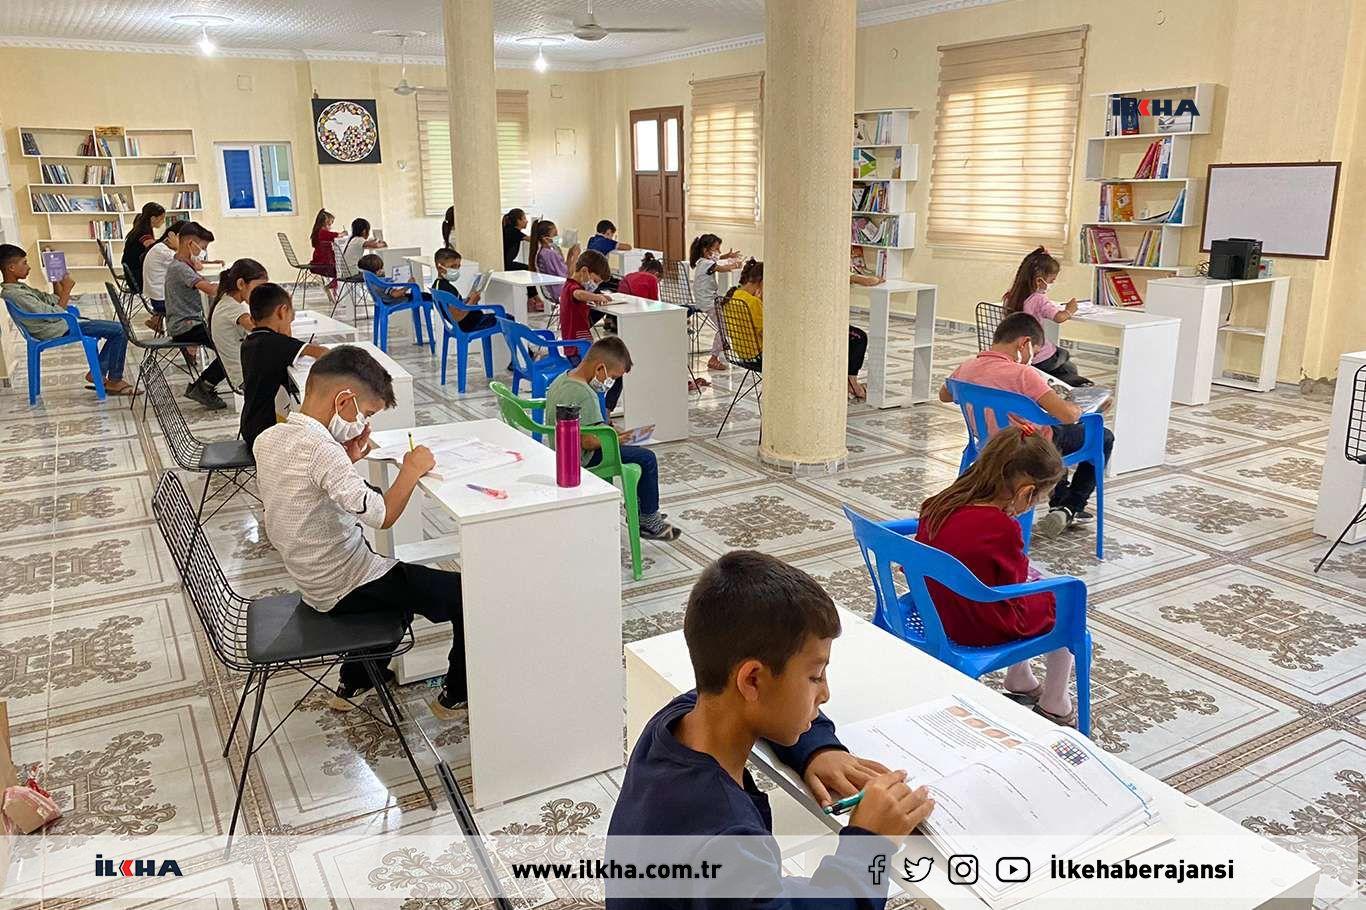 Taziye evini kütüphaneye çevirerek mahallenin kütüphane ihtiyacını giderdiler